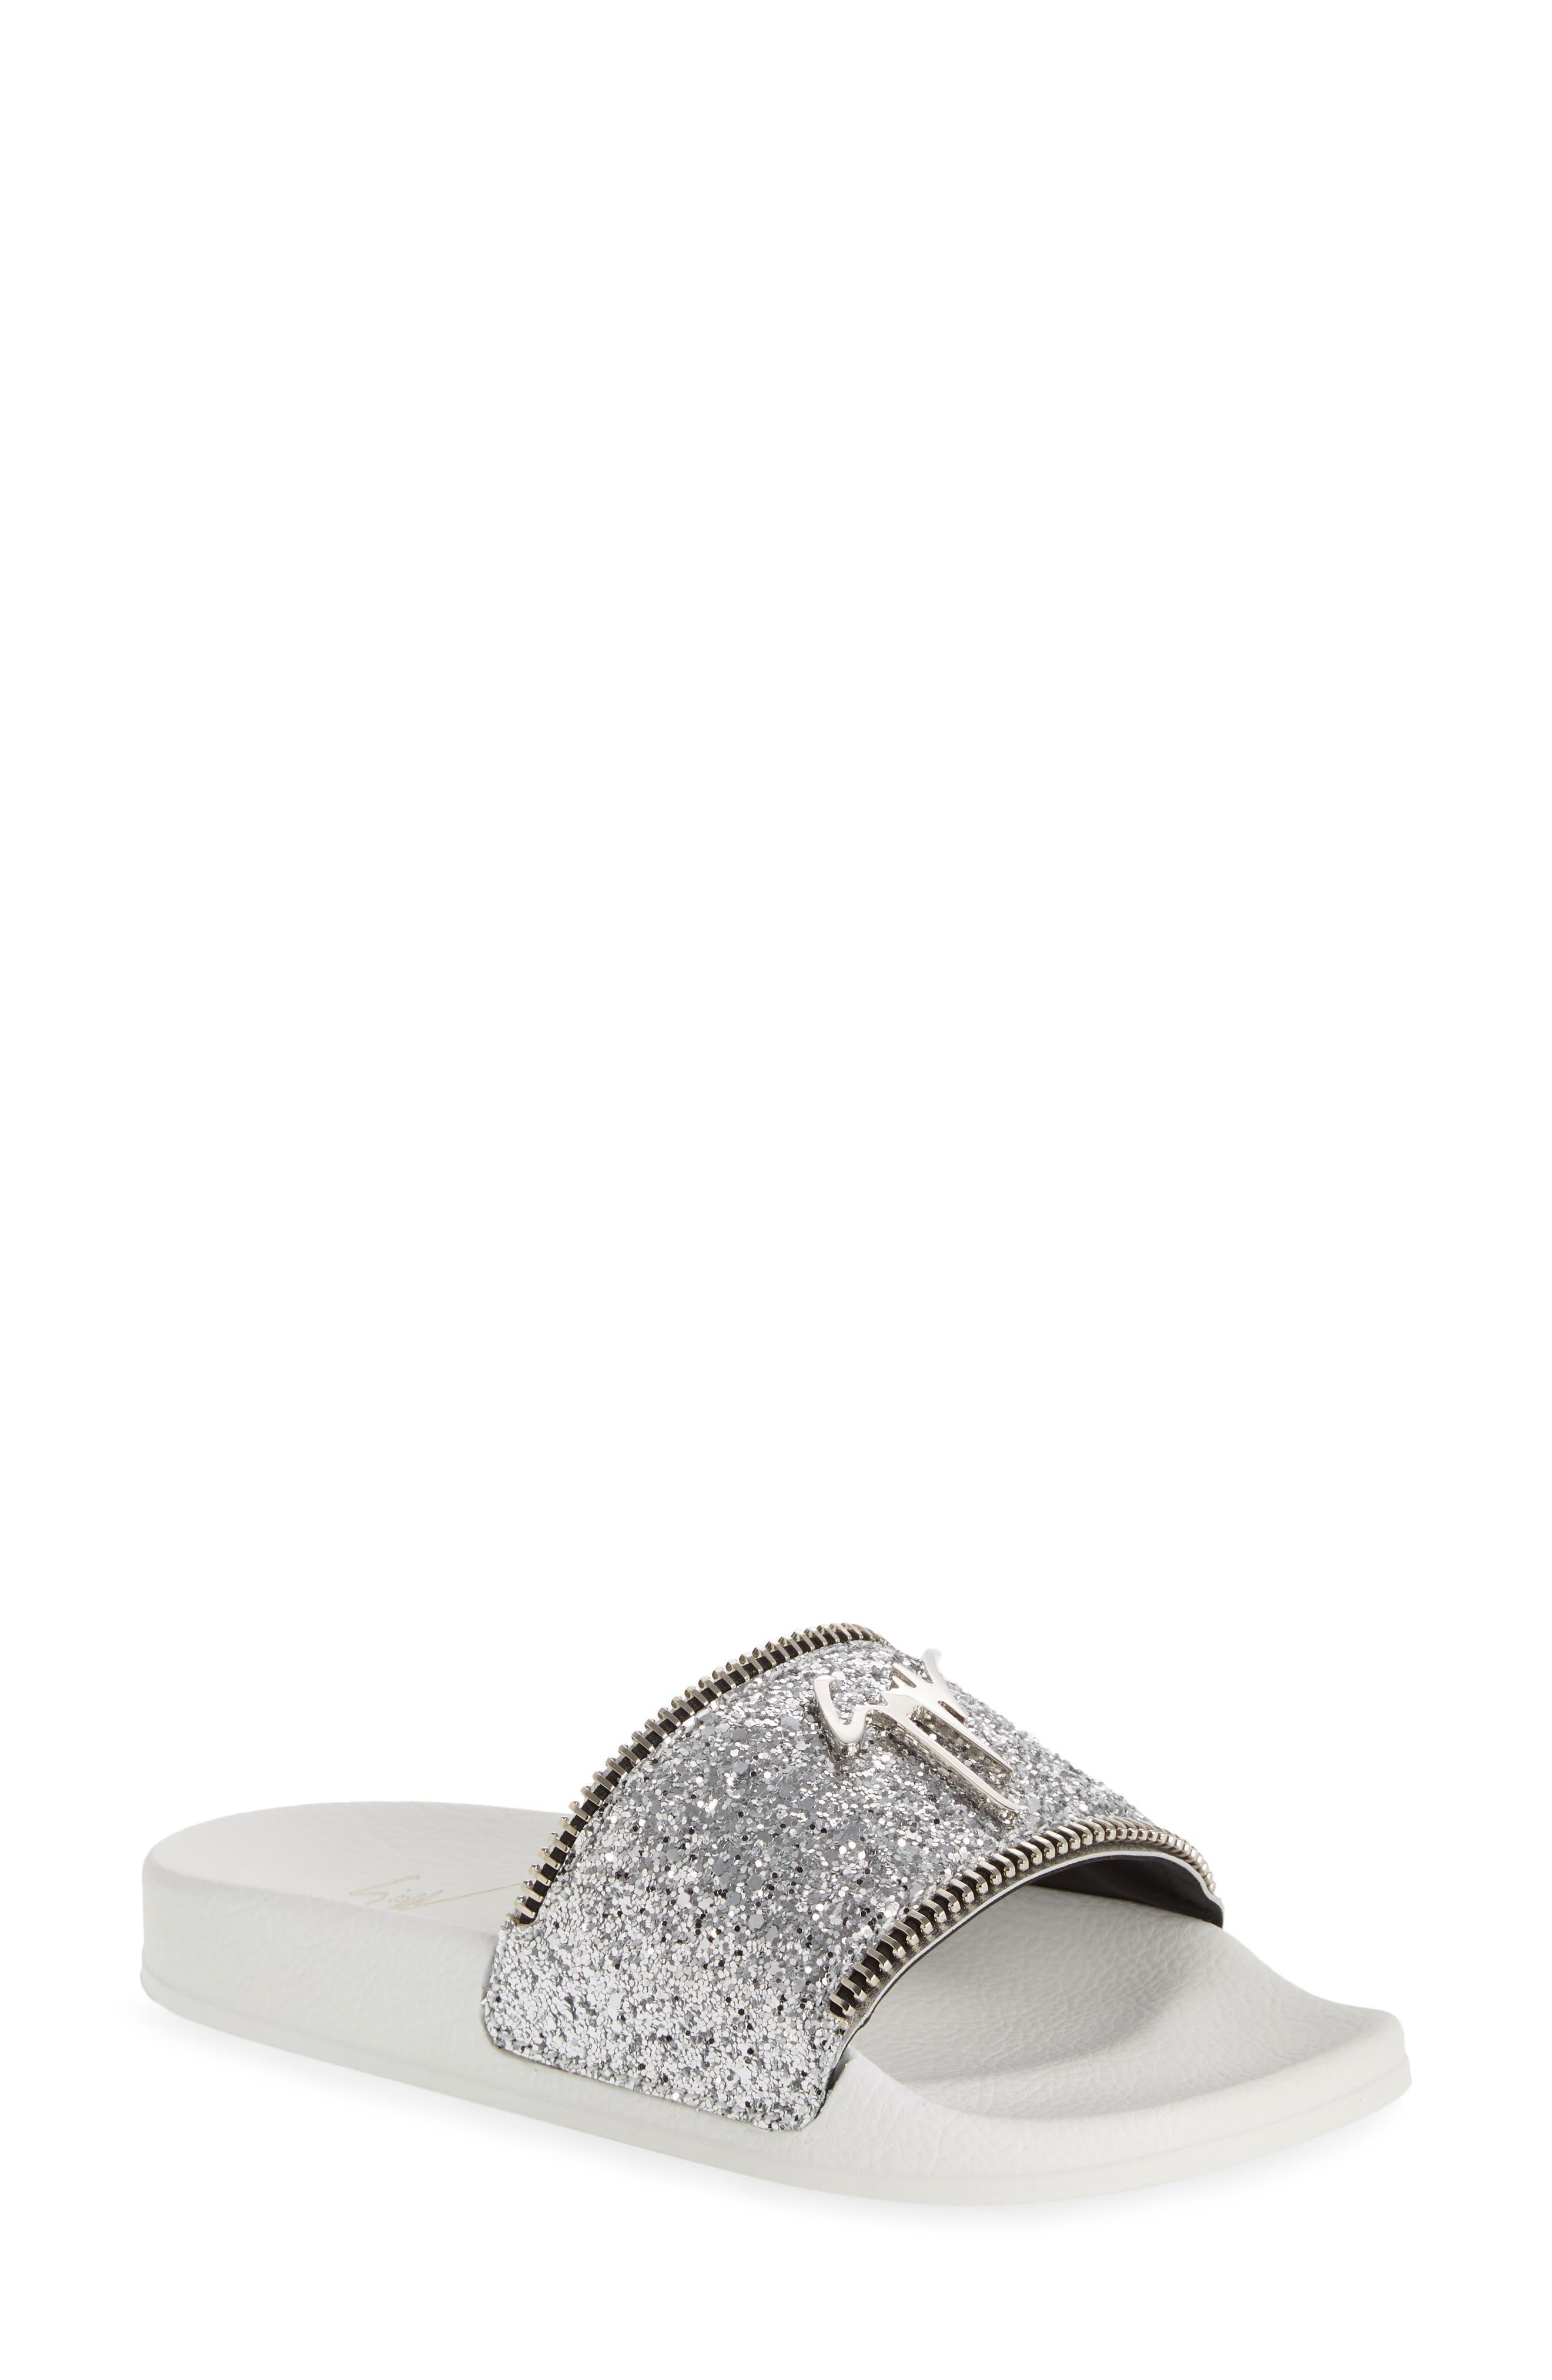 Giuseppe Zanotti Glitter Logo Slide Sandal, Metallic